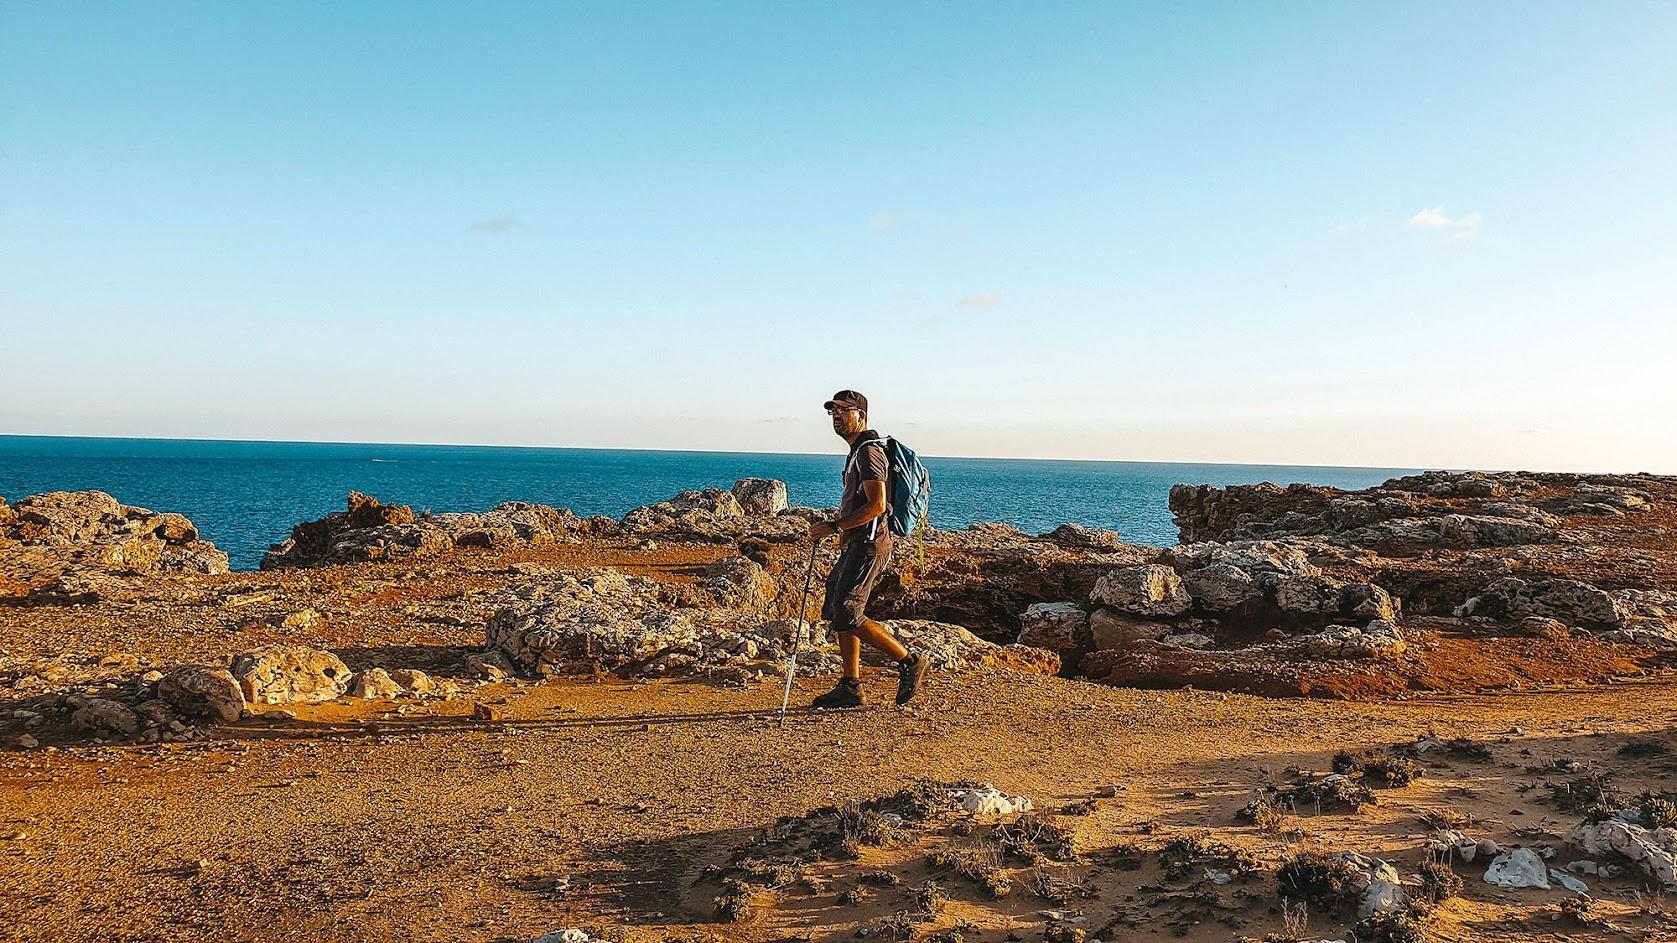 TRILHO DO CABO DE SÃO VICENTE A SAGRES (Trilho dos Pescadores), um dos mais belos para apreciar o fim da tarde na Costa Vicentina